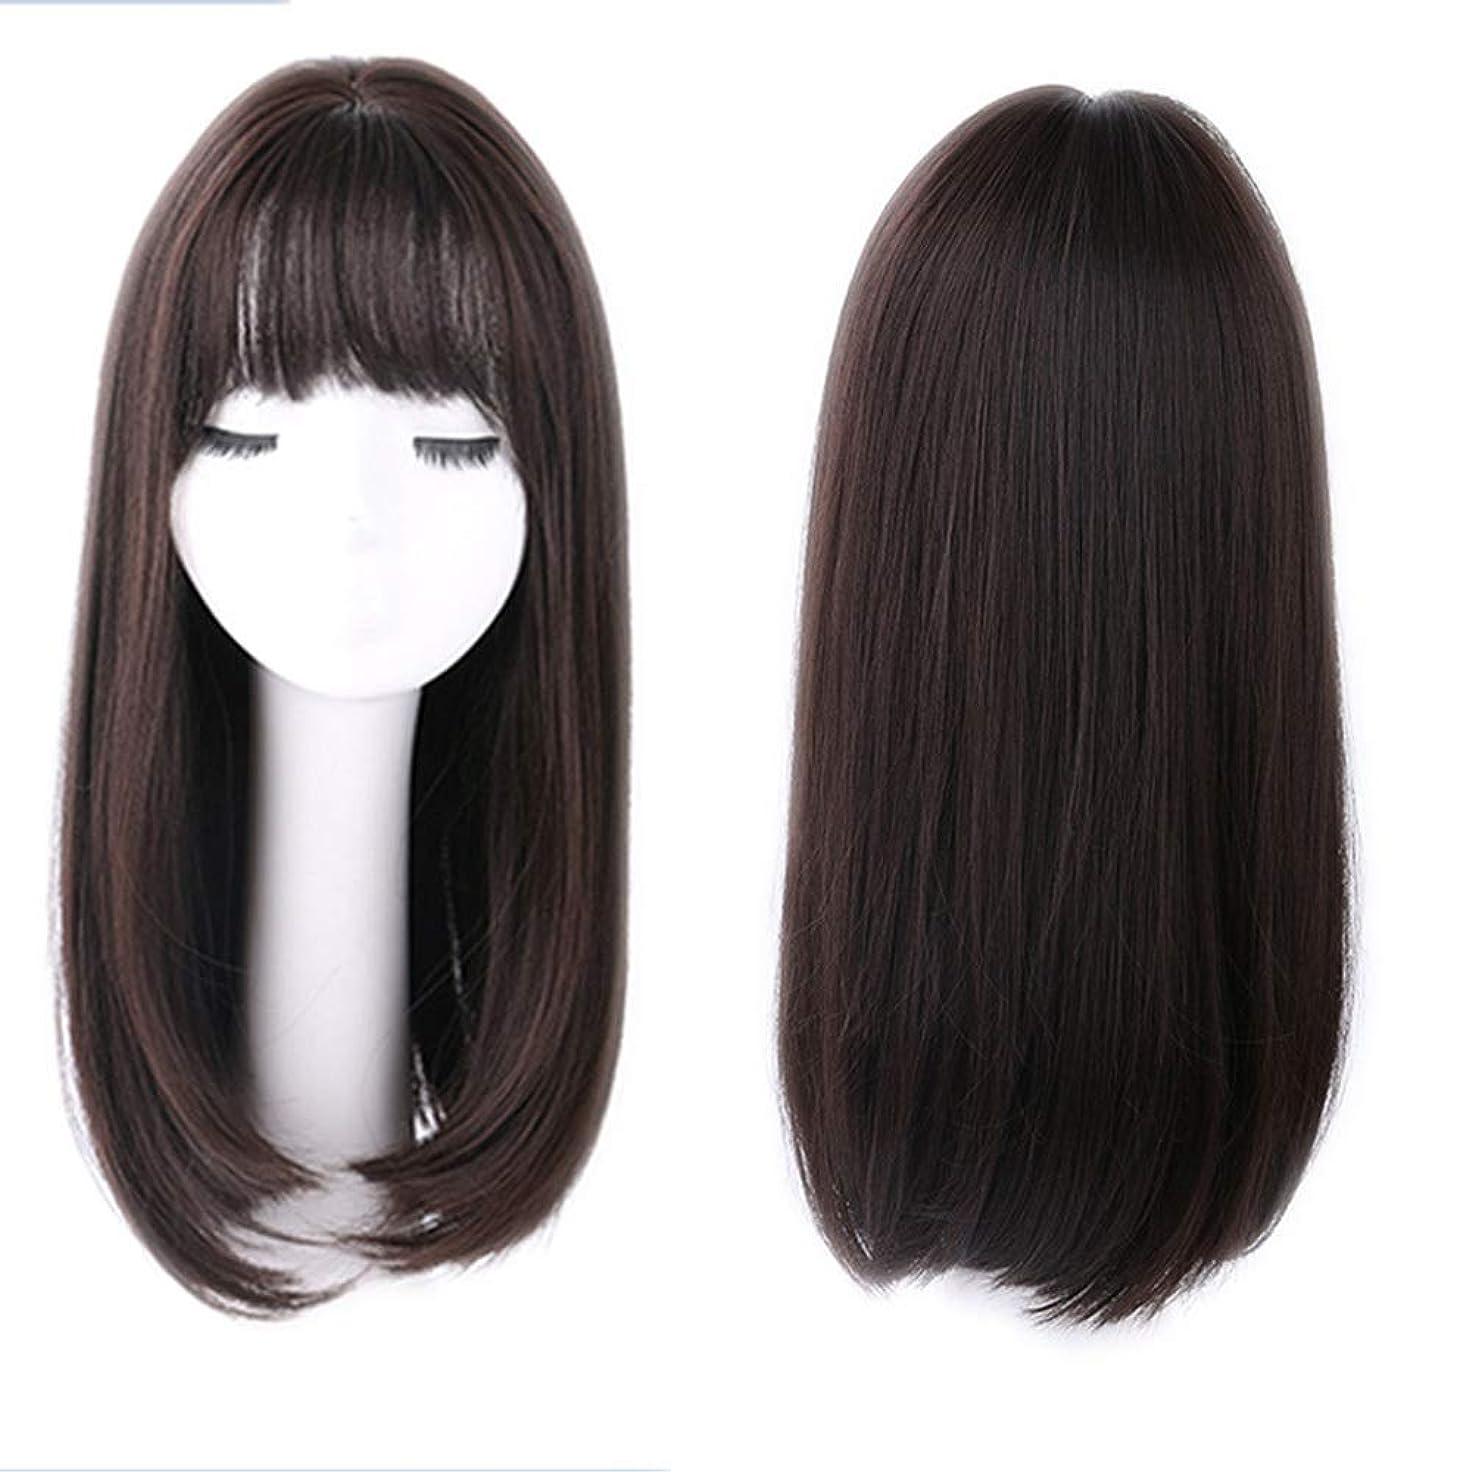 たっぷりに付けるどんよりしたIsikawan 女性のための空気前髪人工毛デイリーまたはコスプレドレスライトブラウンウィッグ付きナチュラルストレートロングヘア (色 : Brownish black)